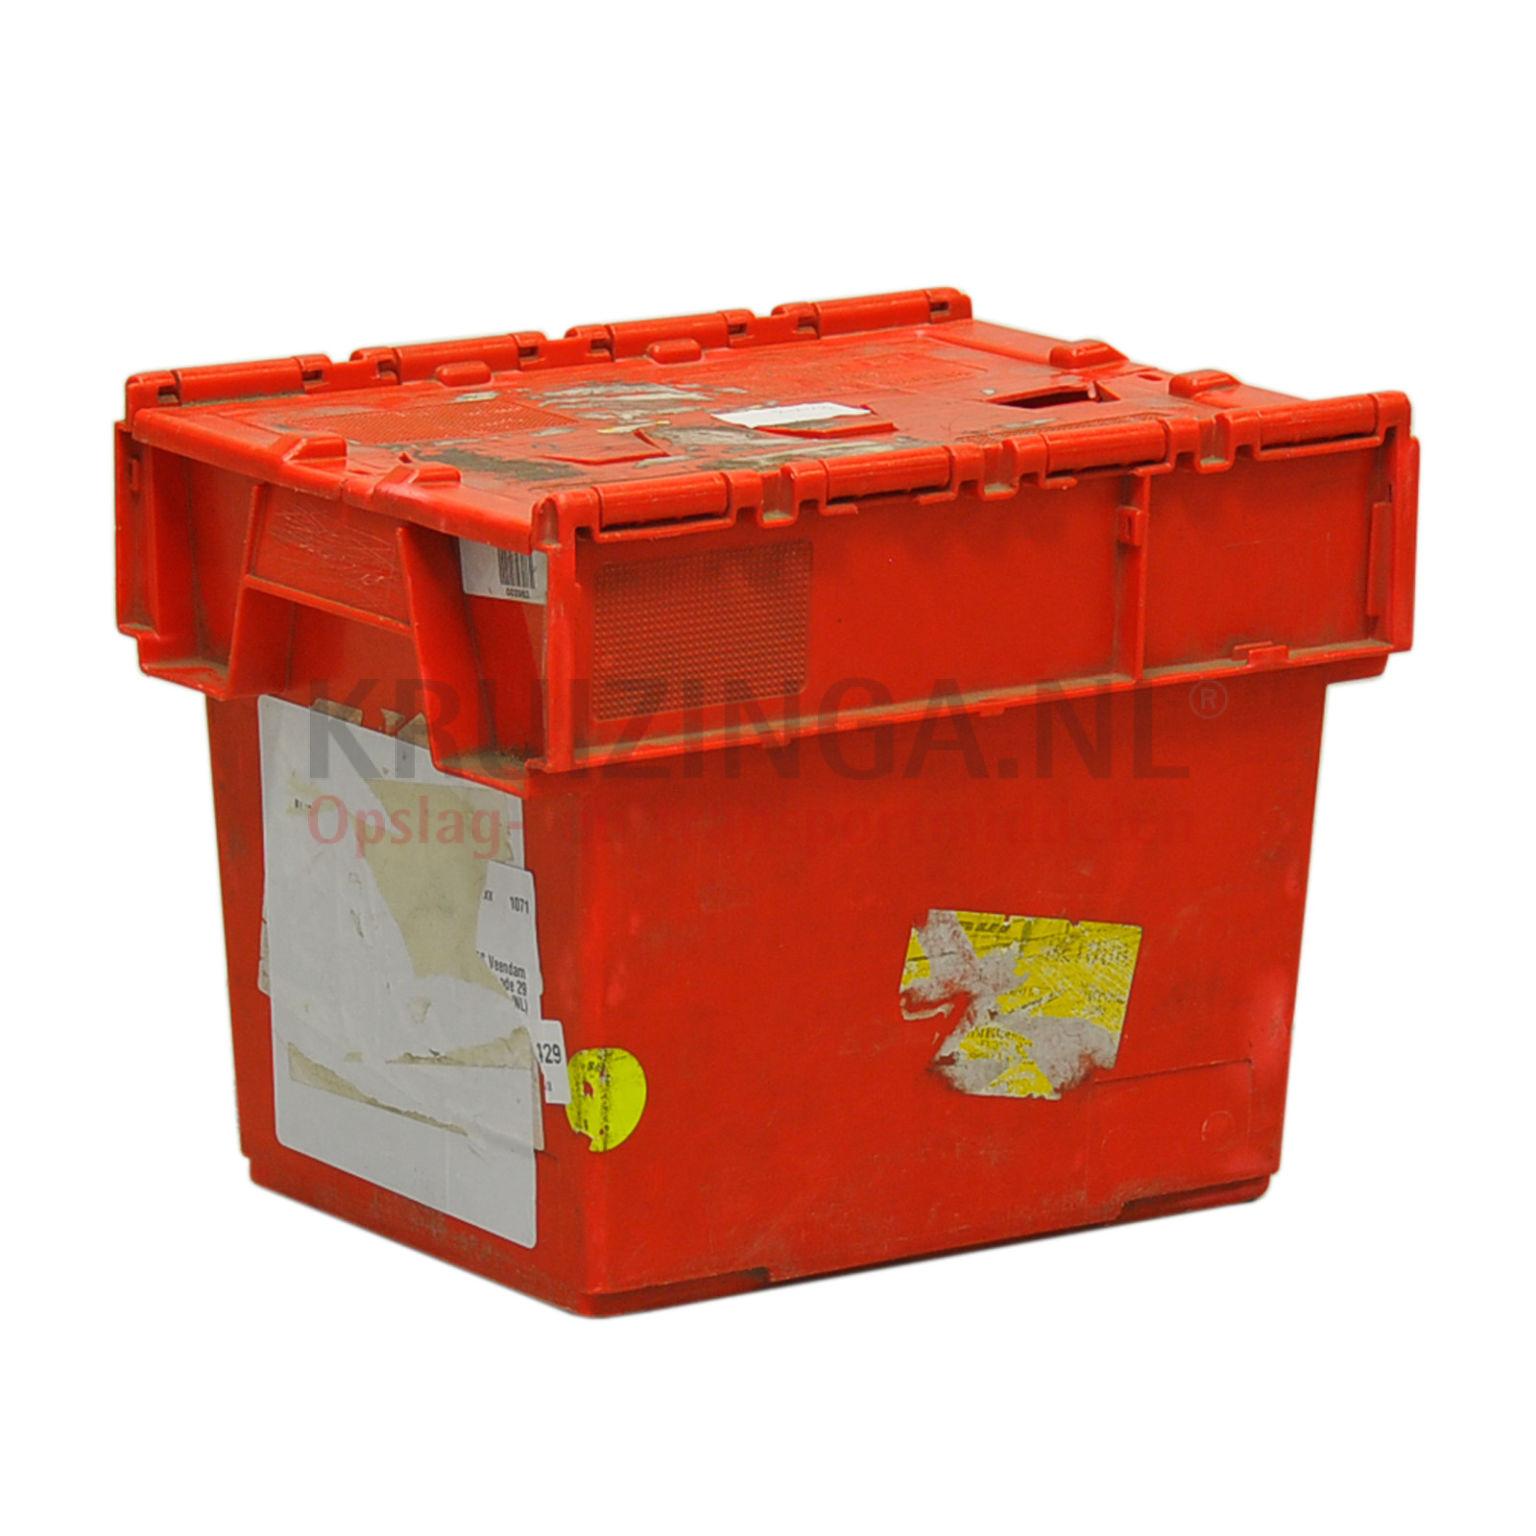 Bac Plastique Empilable : bac de rangement plastique emboitables et empilable b ~ Edinachiropracticcenter.com Idées de Décoration